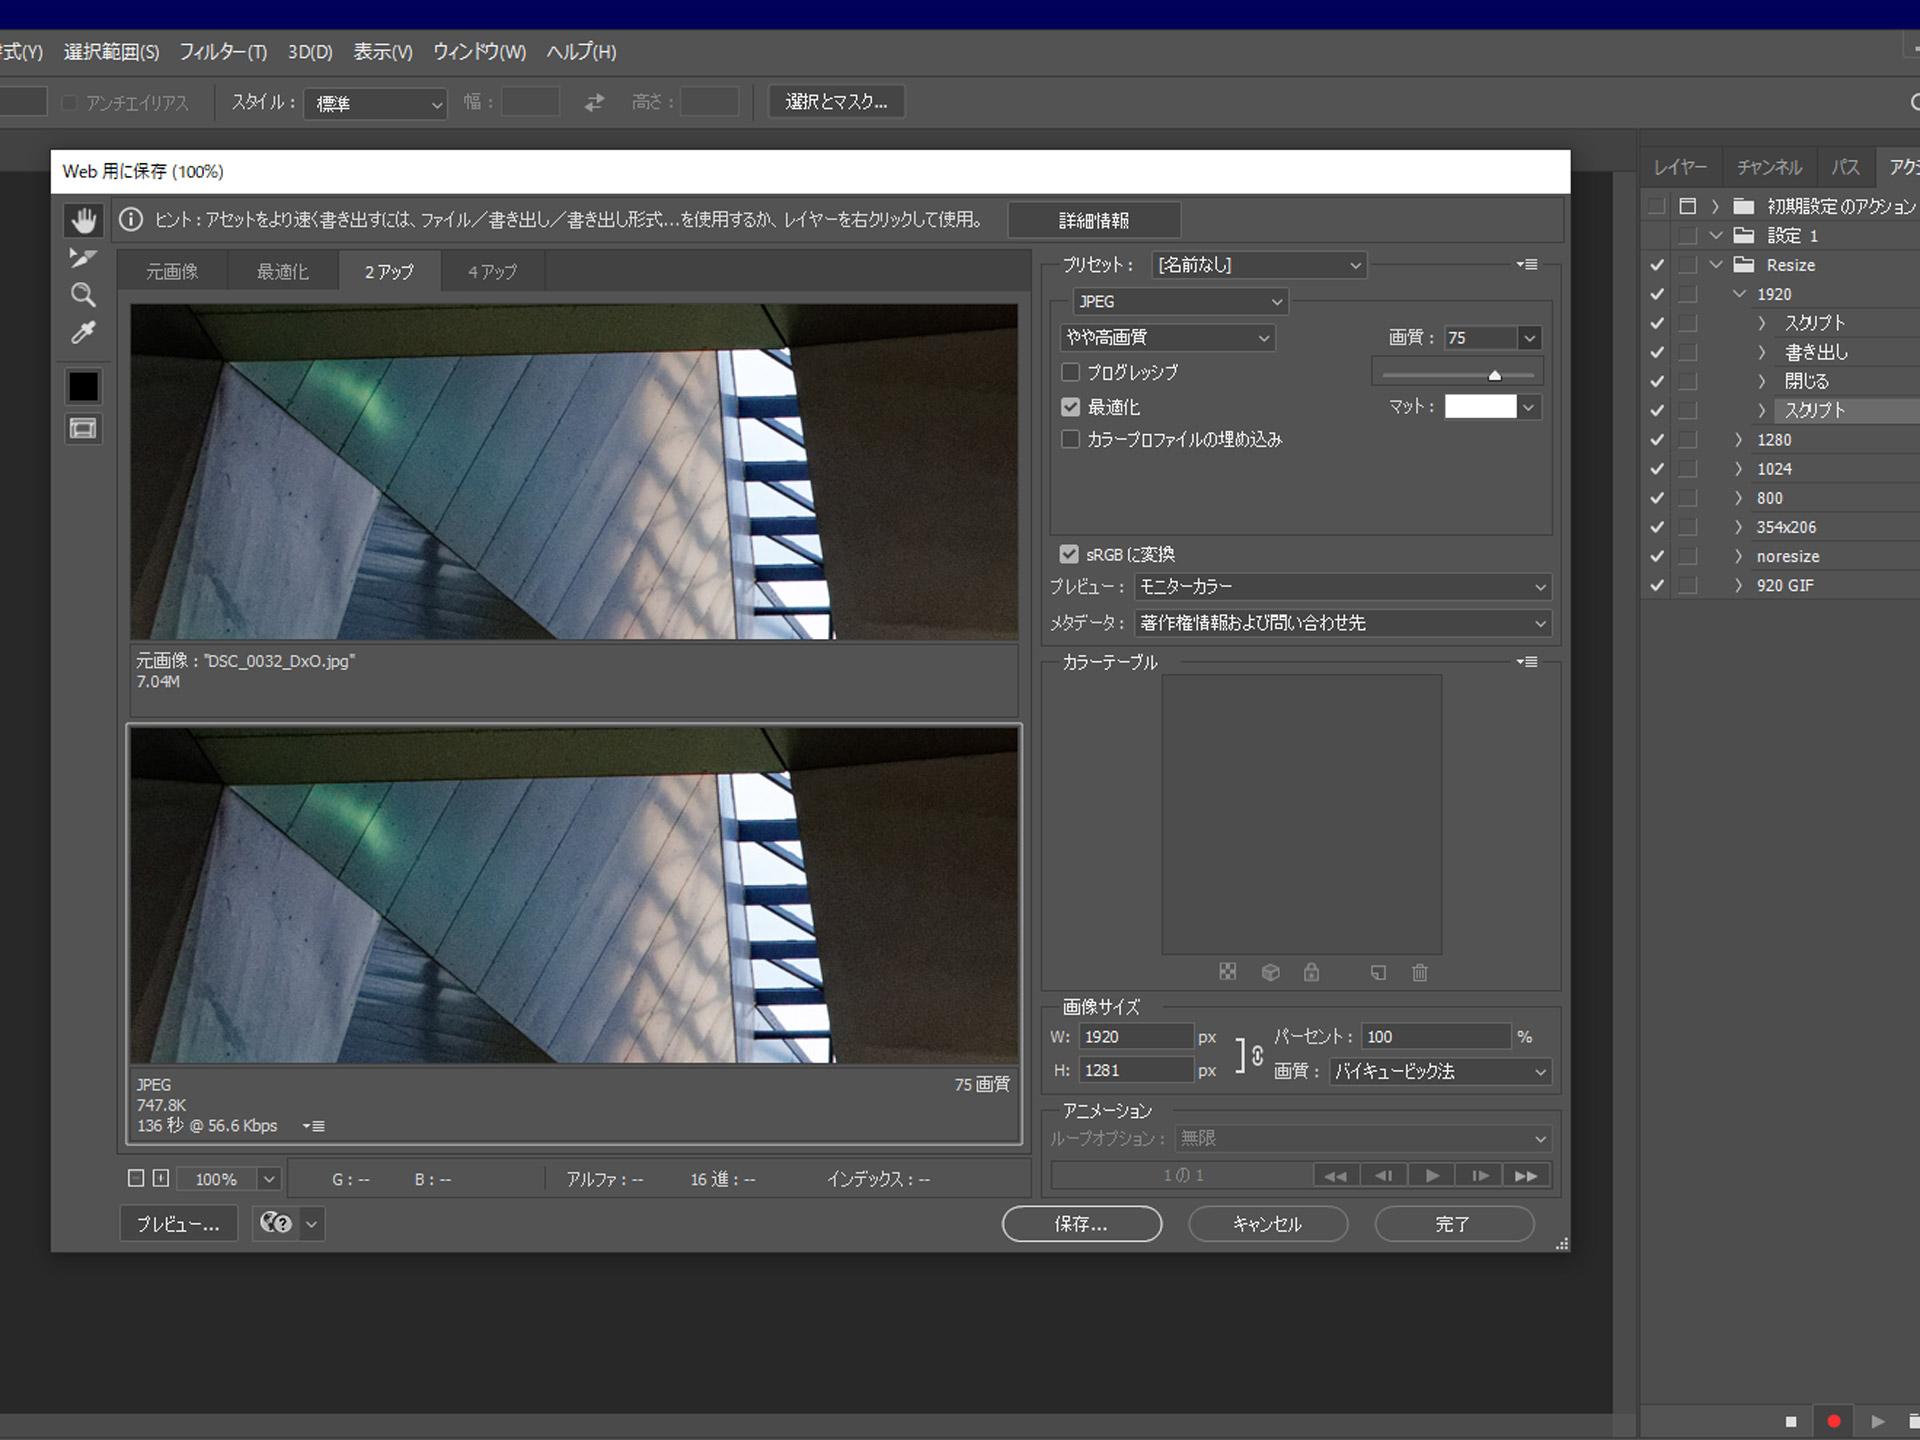 Adobe Photoshop CCでのバッチ処理(の設定中)